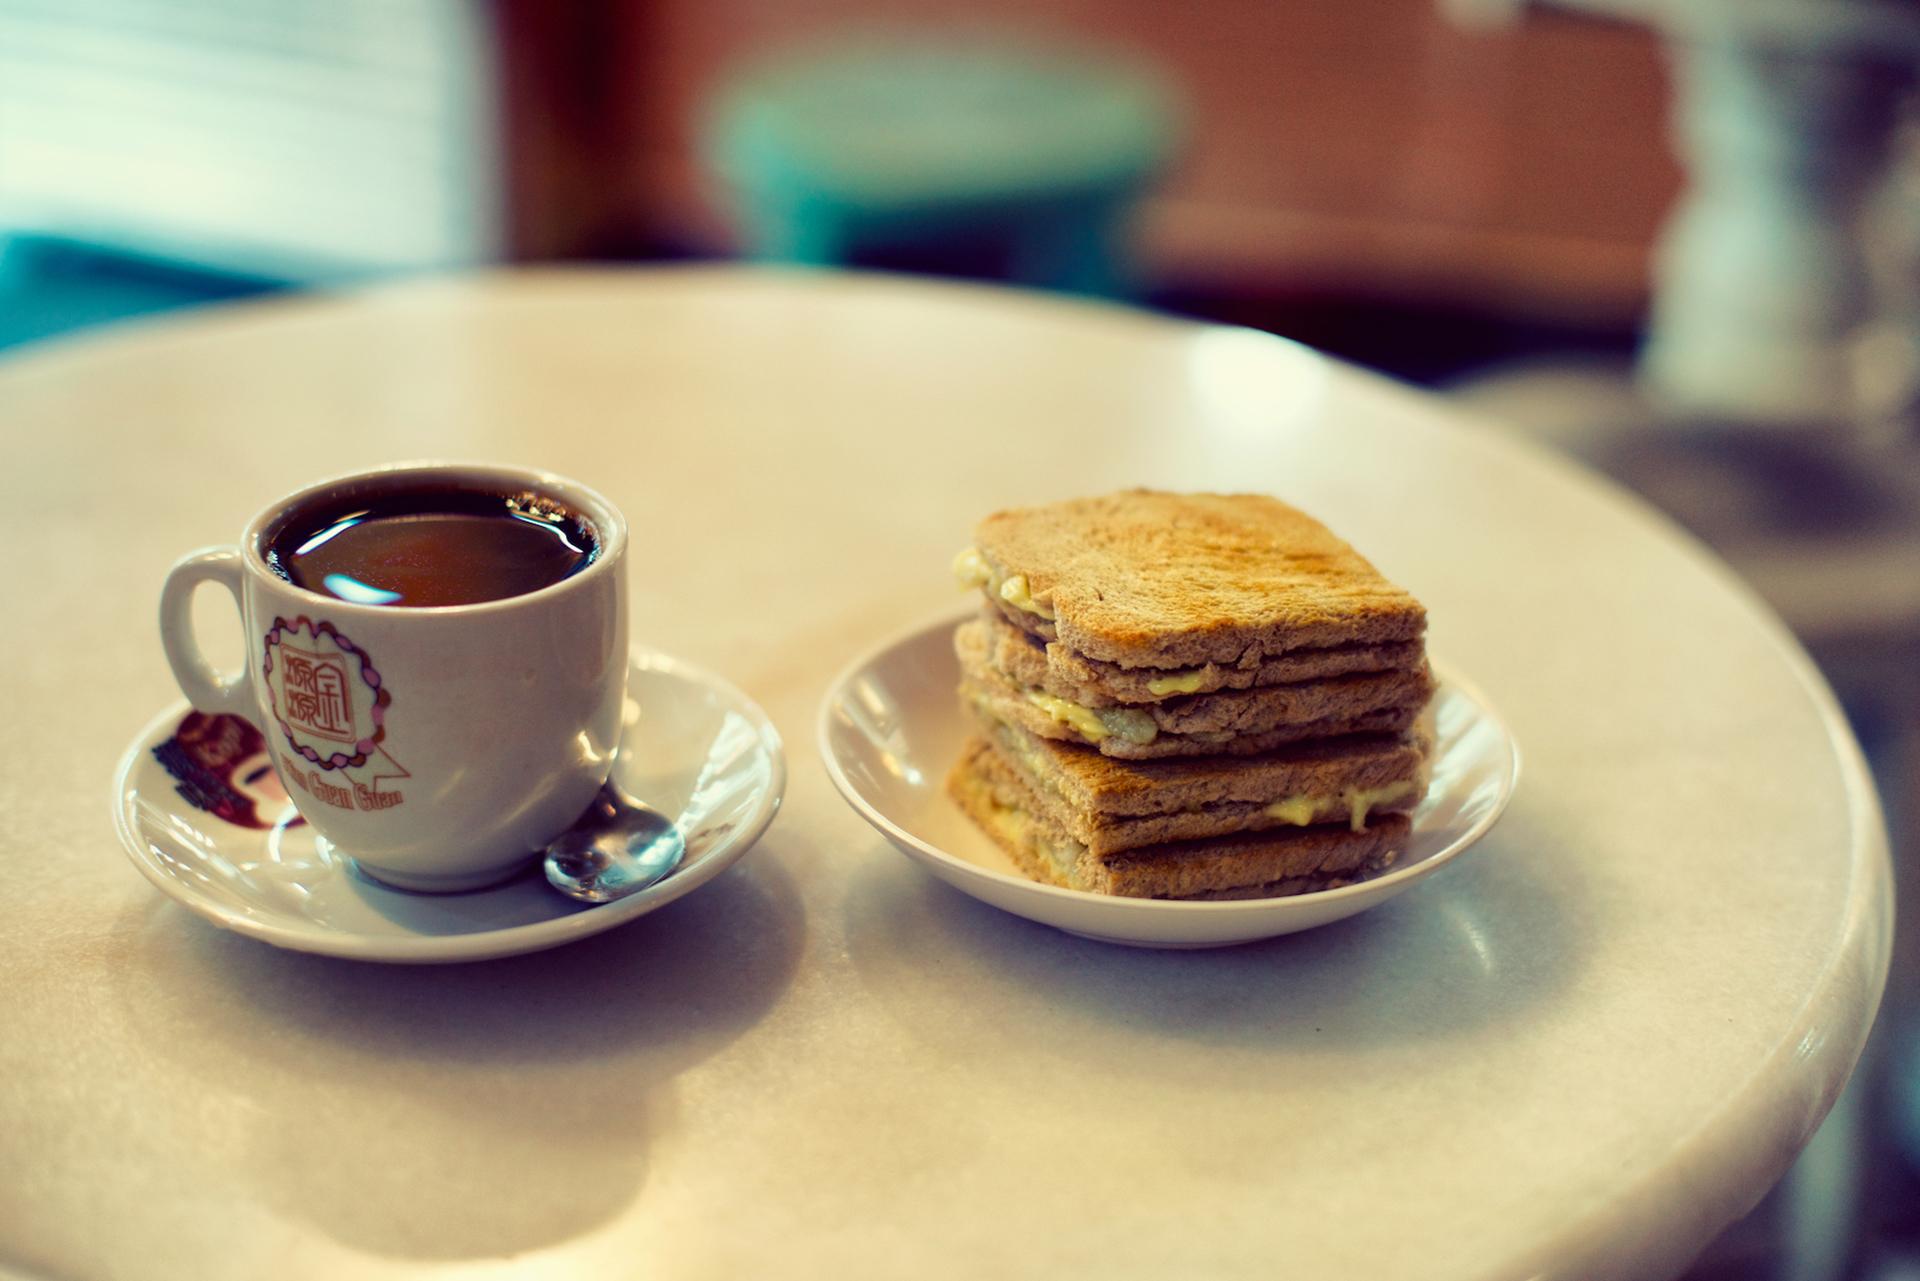 Картинки доброе утро с чашечкой кофе и бутербродом мужчине, для детей книге